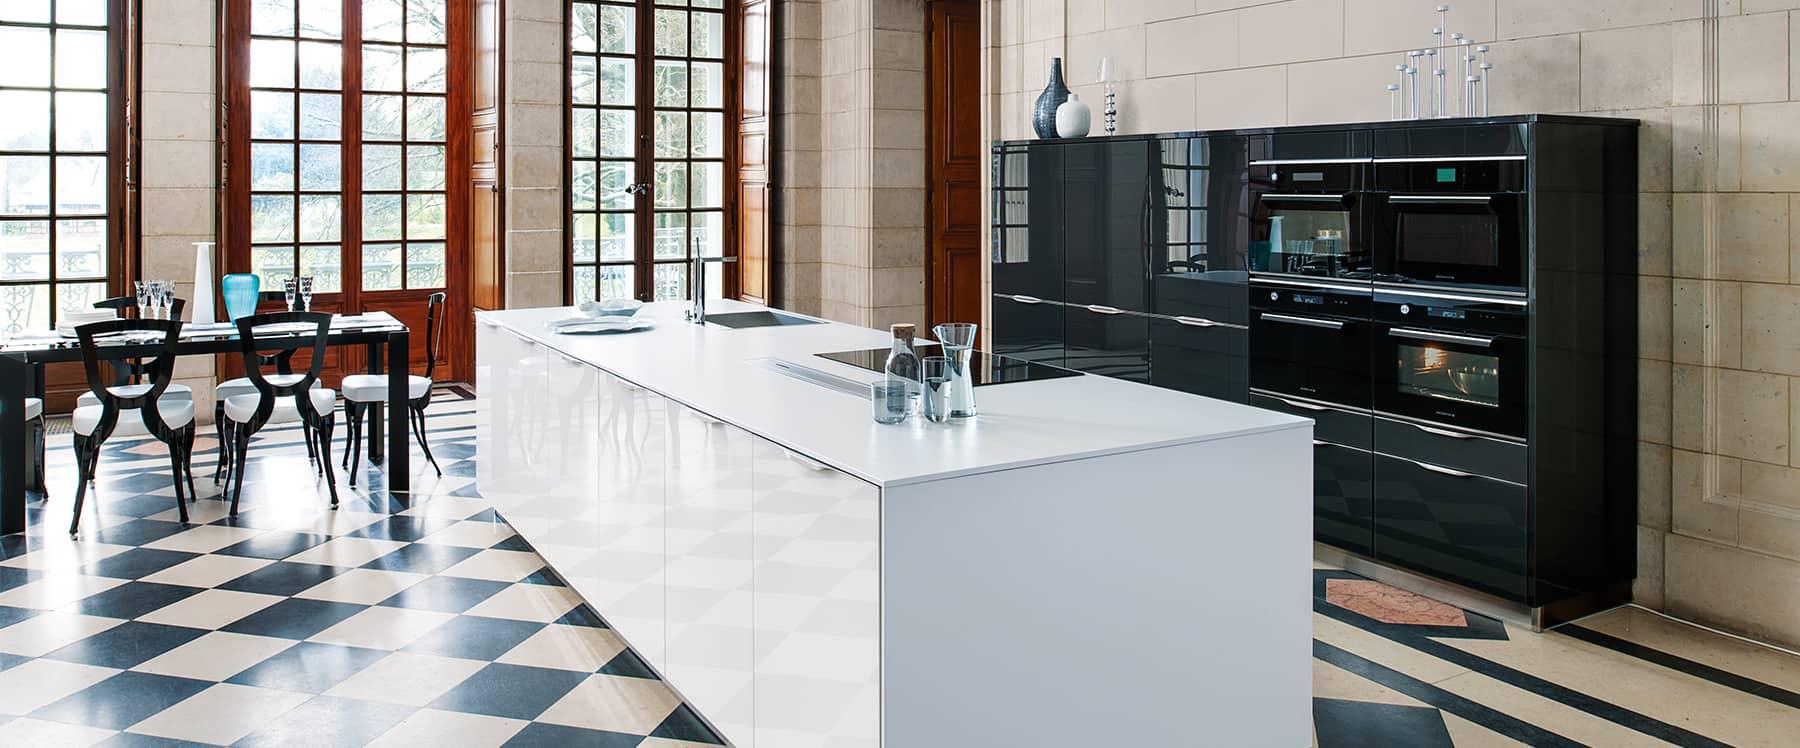 Kjøkken Farger – AsTriC